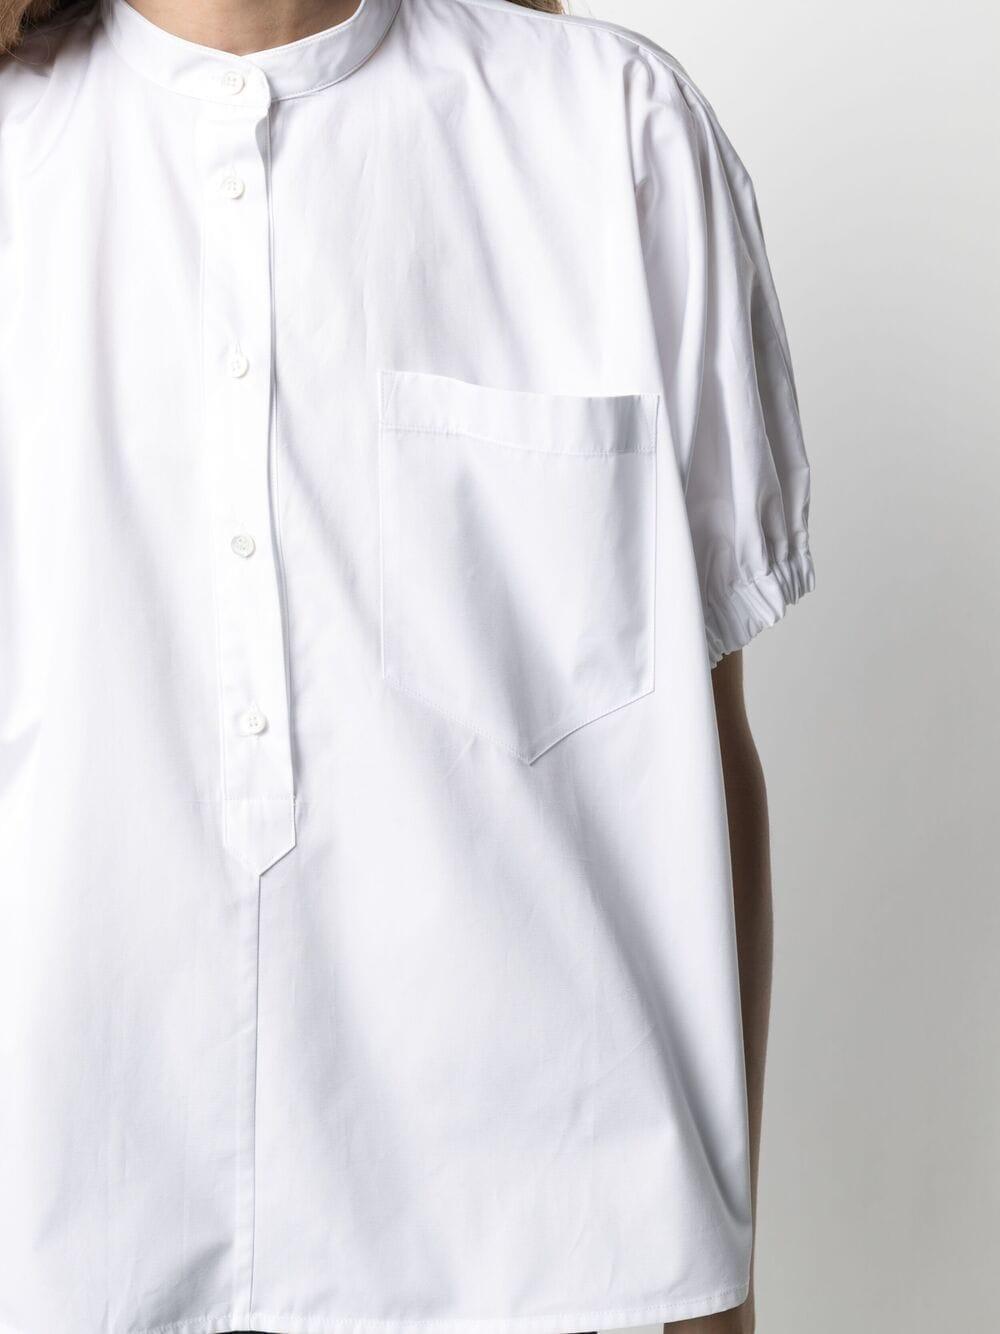 Camicia in cotone bianco con collo alla coreana con tasca sul petto ASPESI | Camicie | H712-D30785072